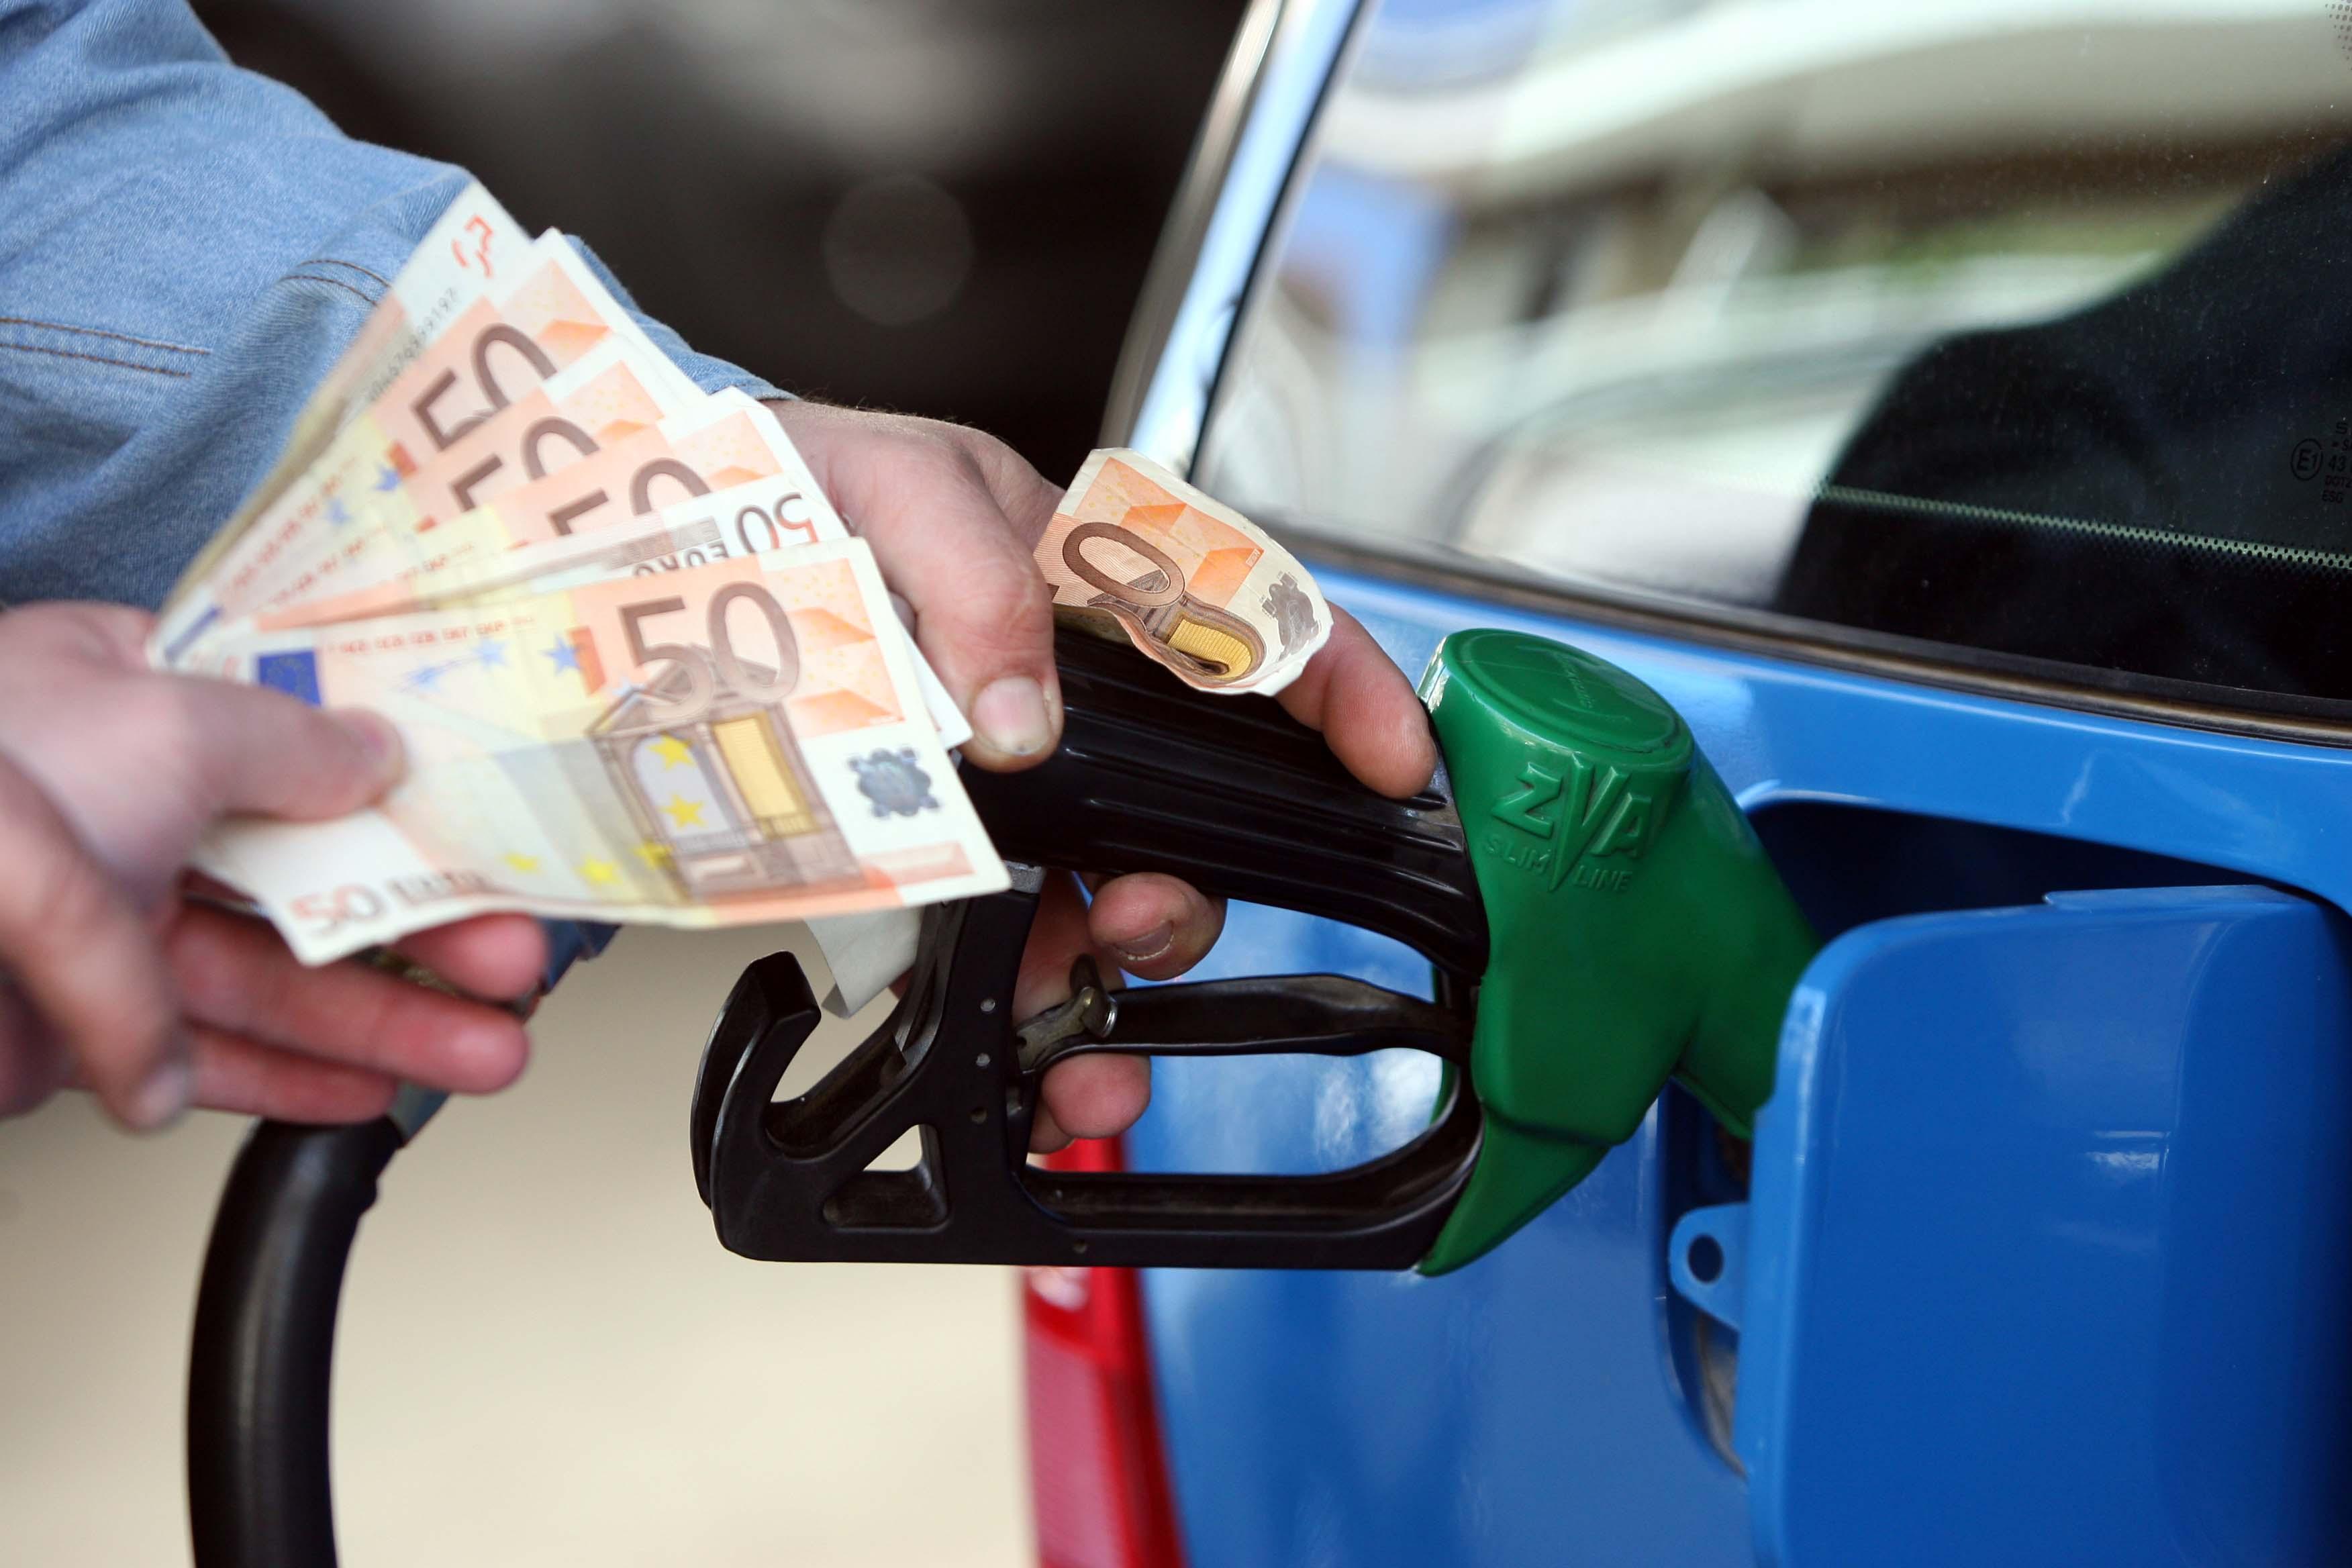 Φωτιά πήρε η βενζίνη, στα 2 ευρώ πλησιάζει η αμόλυβδη | tovima.gr